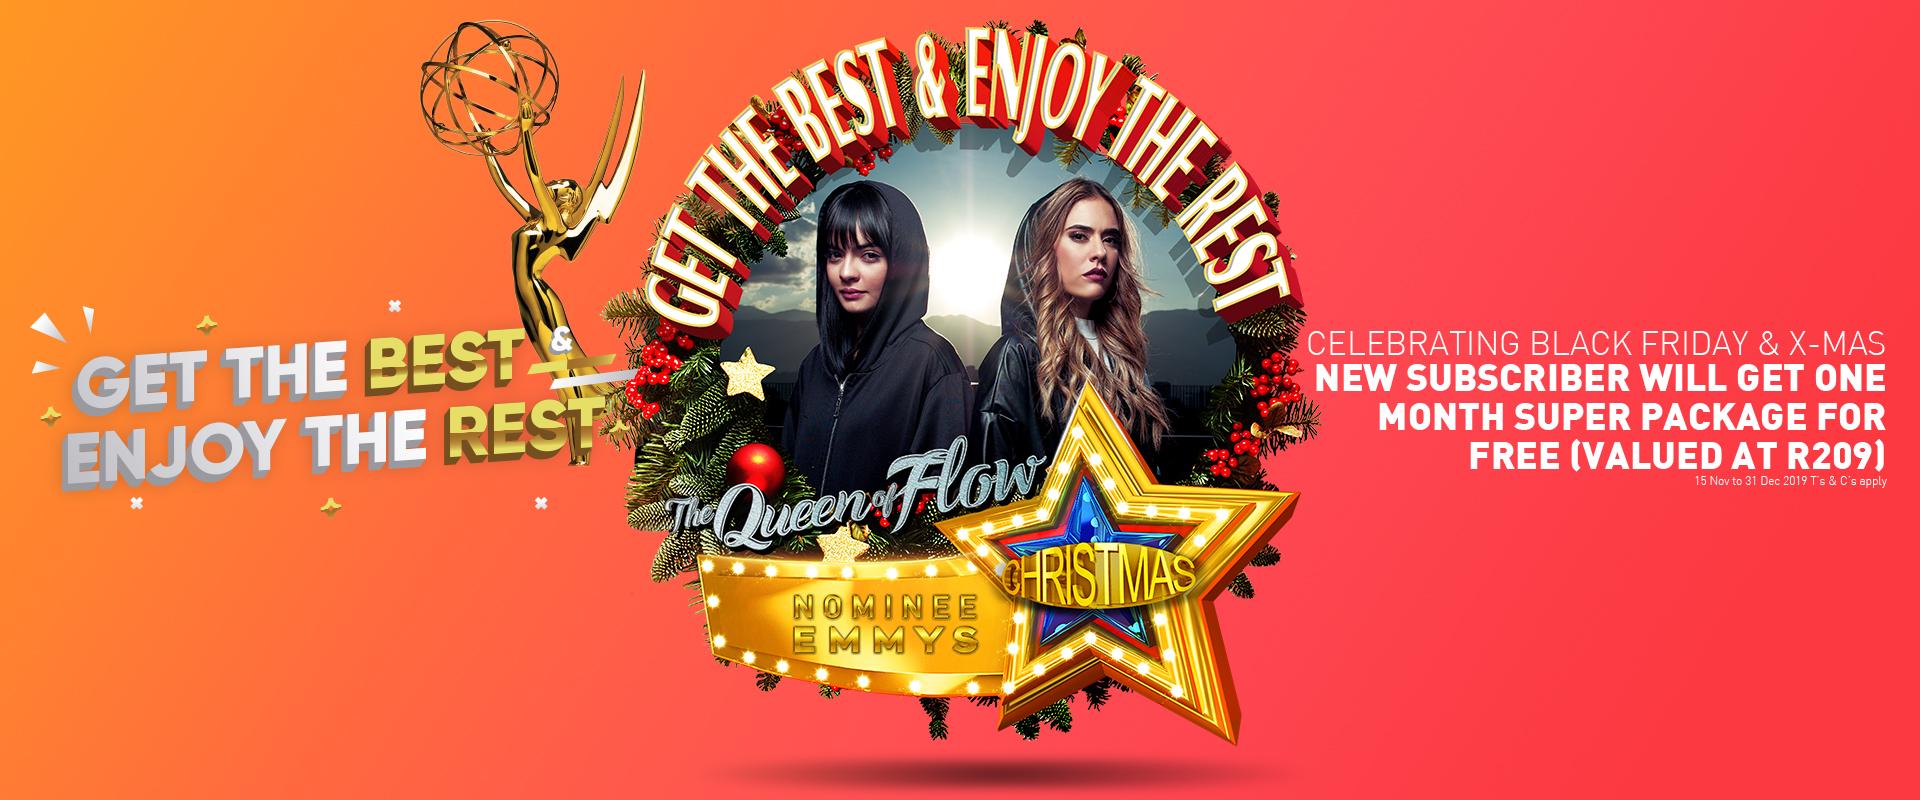 StarSat Christmas Special Queen of Flow